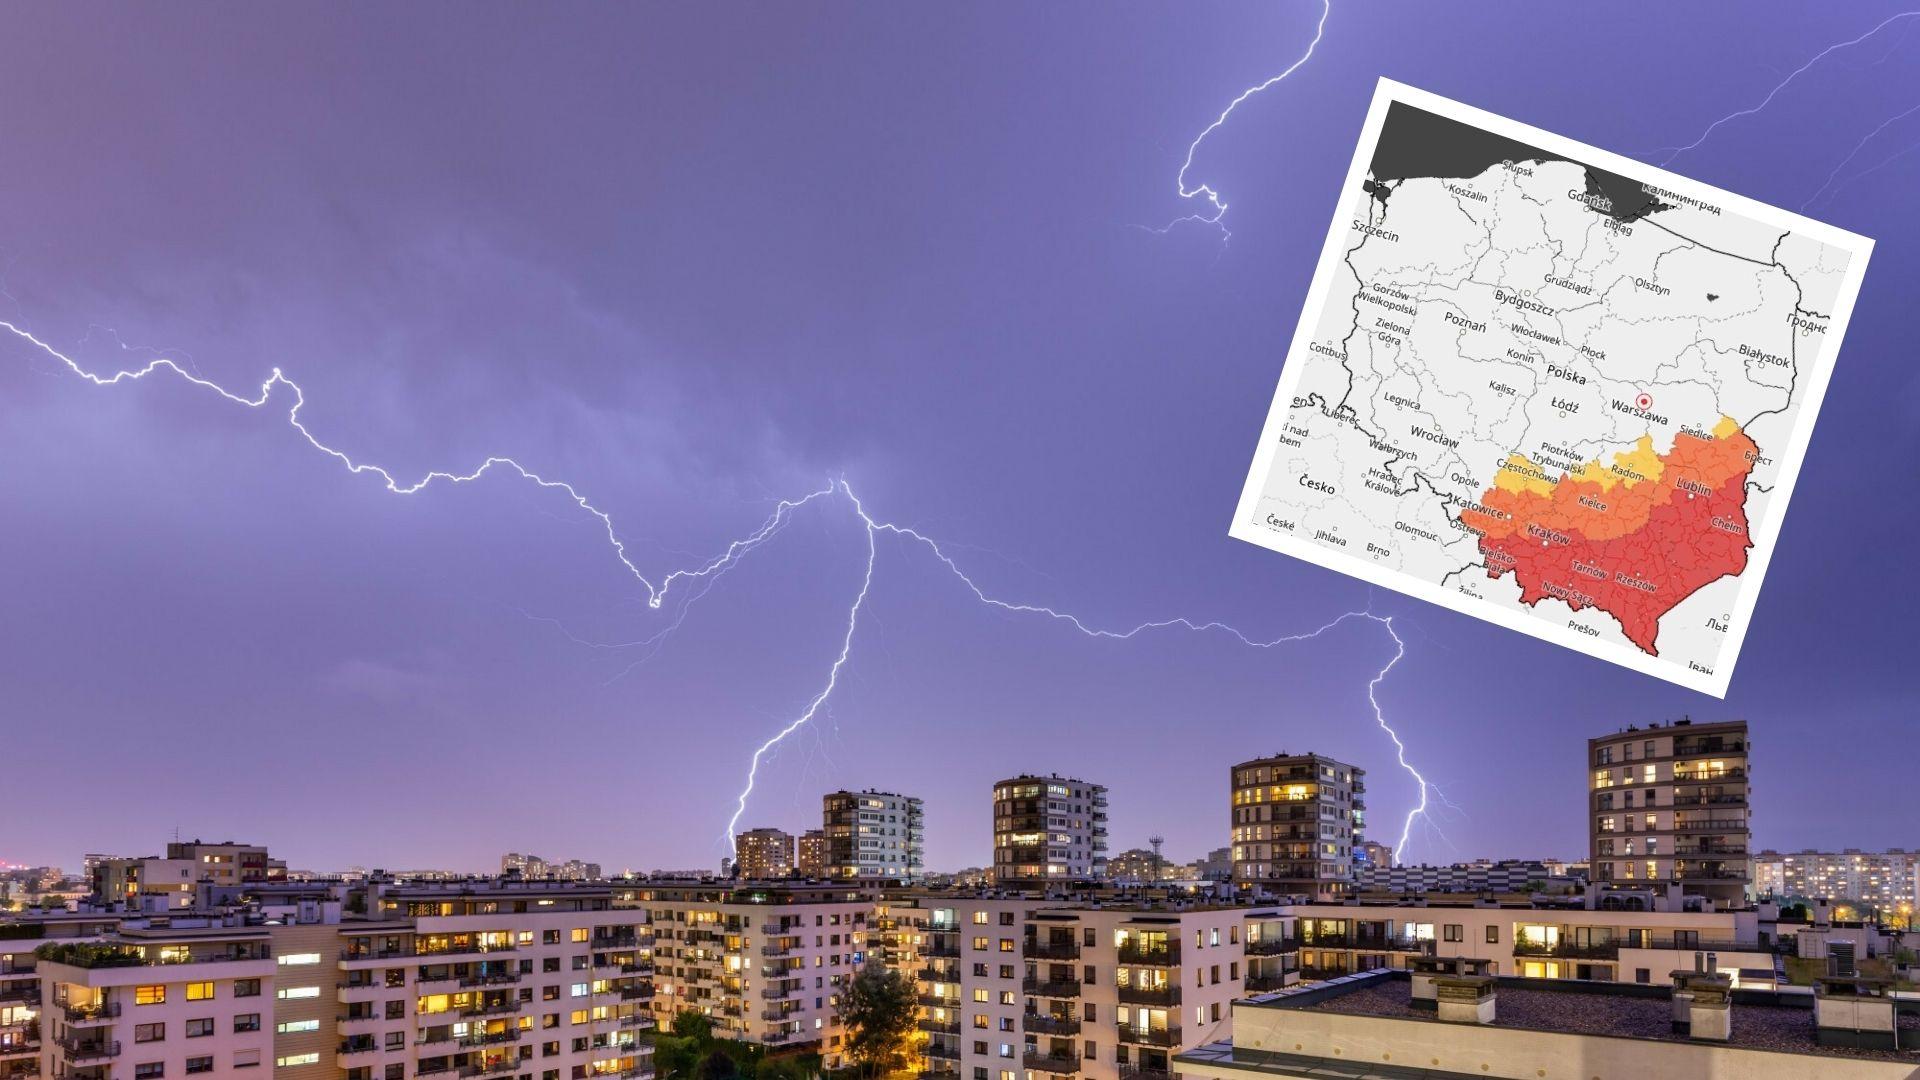 Ostrzeżenia III stopnia przed burzami. Wysłano również alert RCB